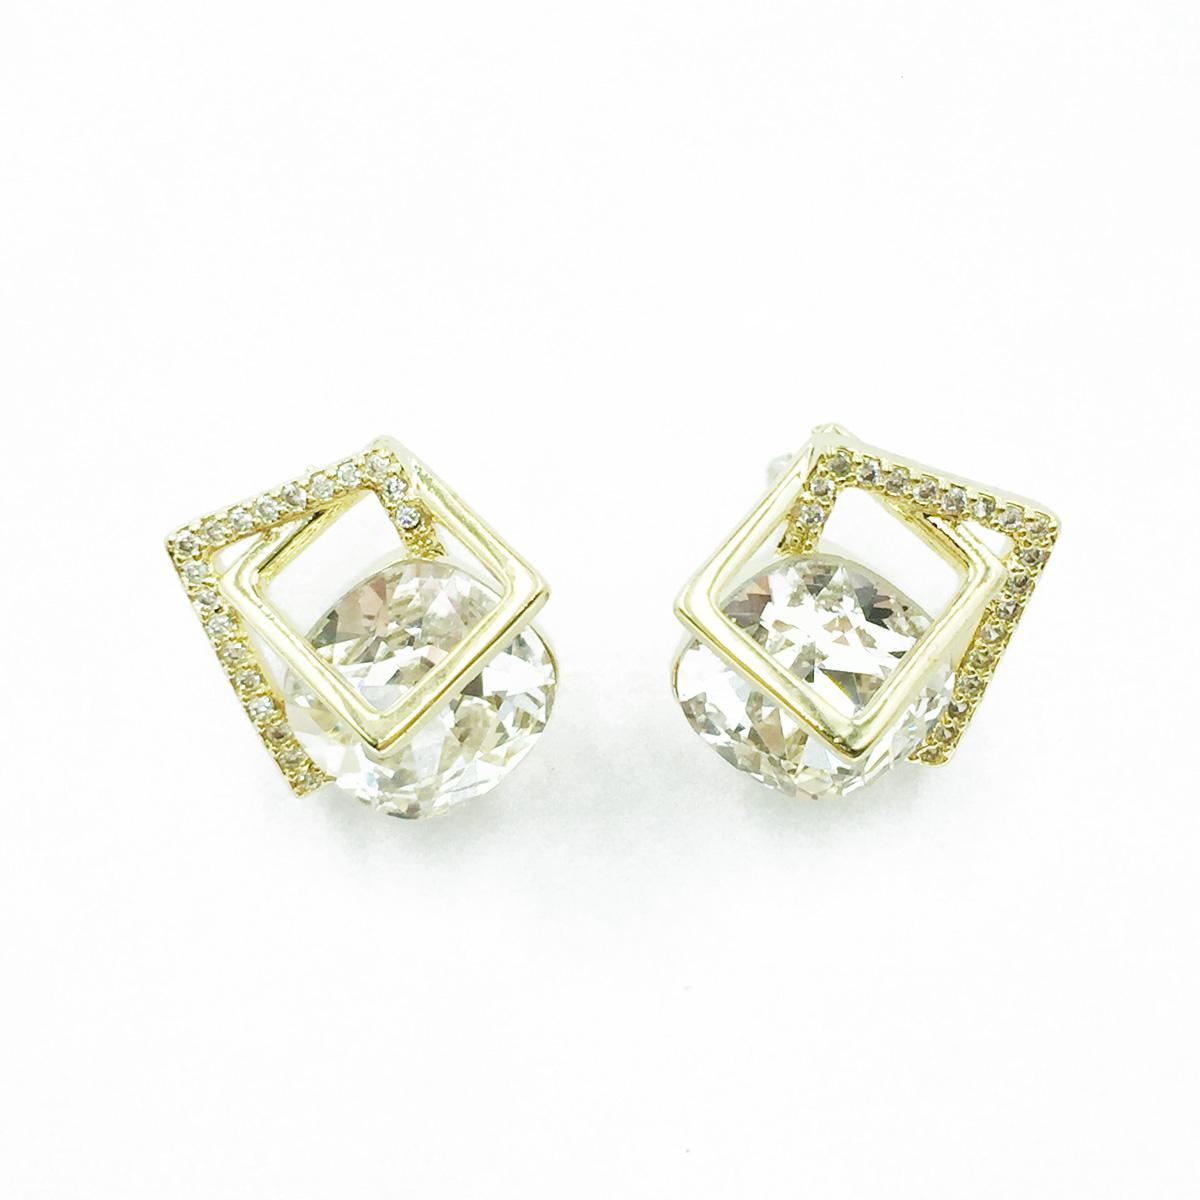 韓國 925純銀 簍空方形 水鑽 單鑽 耳針式耳環